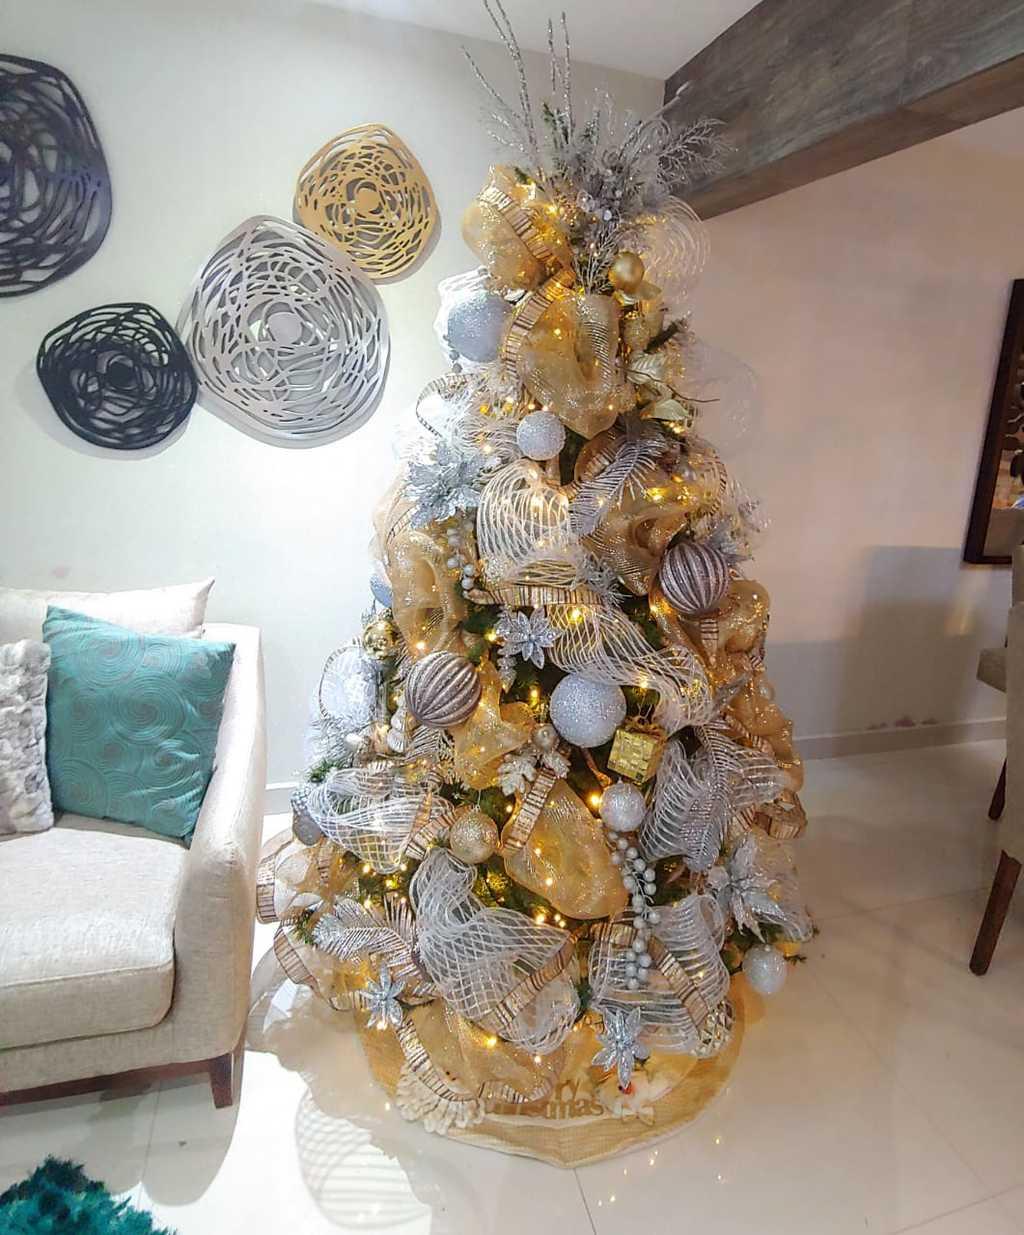 El decorador lagunero, Óscar Díaz Borroel, explicó que las tendencias para este año son: Navidad clásica, nórdica, metal y fantasía. (CORTESÍA)